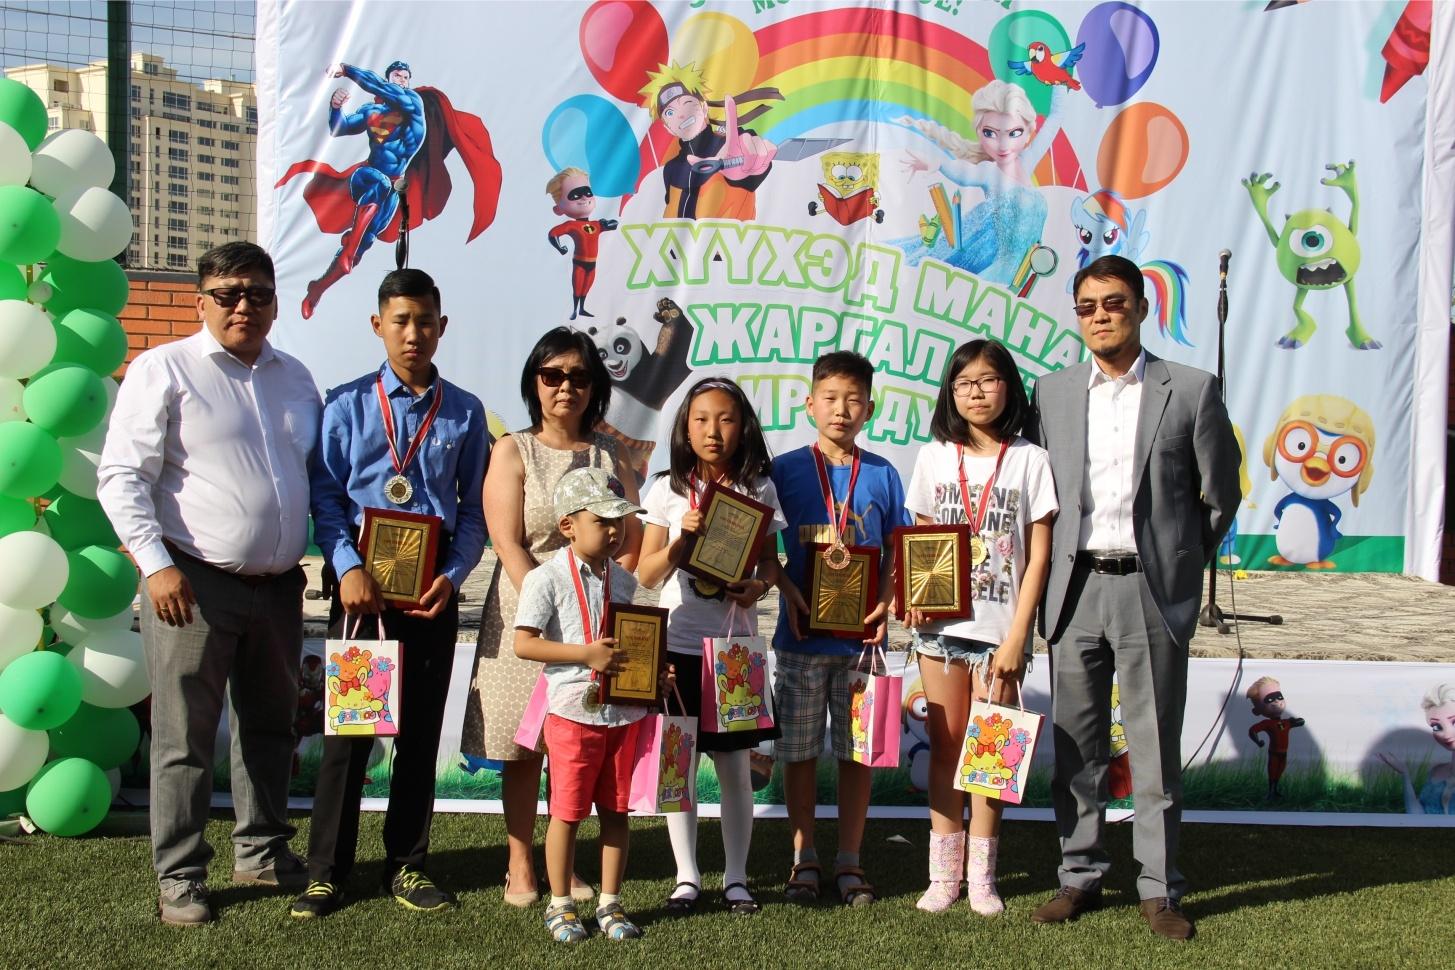 NCD group эх үрсийн баярын өдөр хүүхдийн эрхийг хамгаалах өдөр